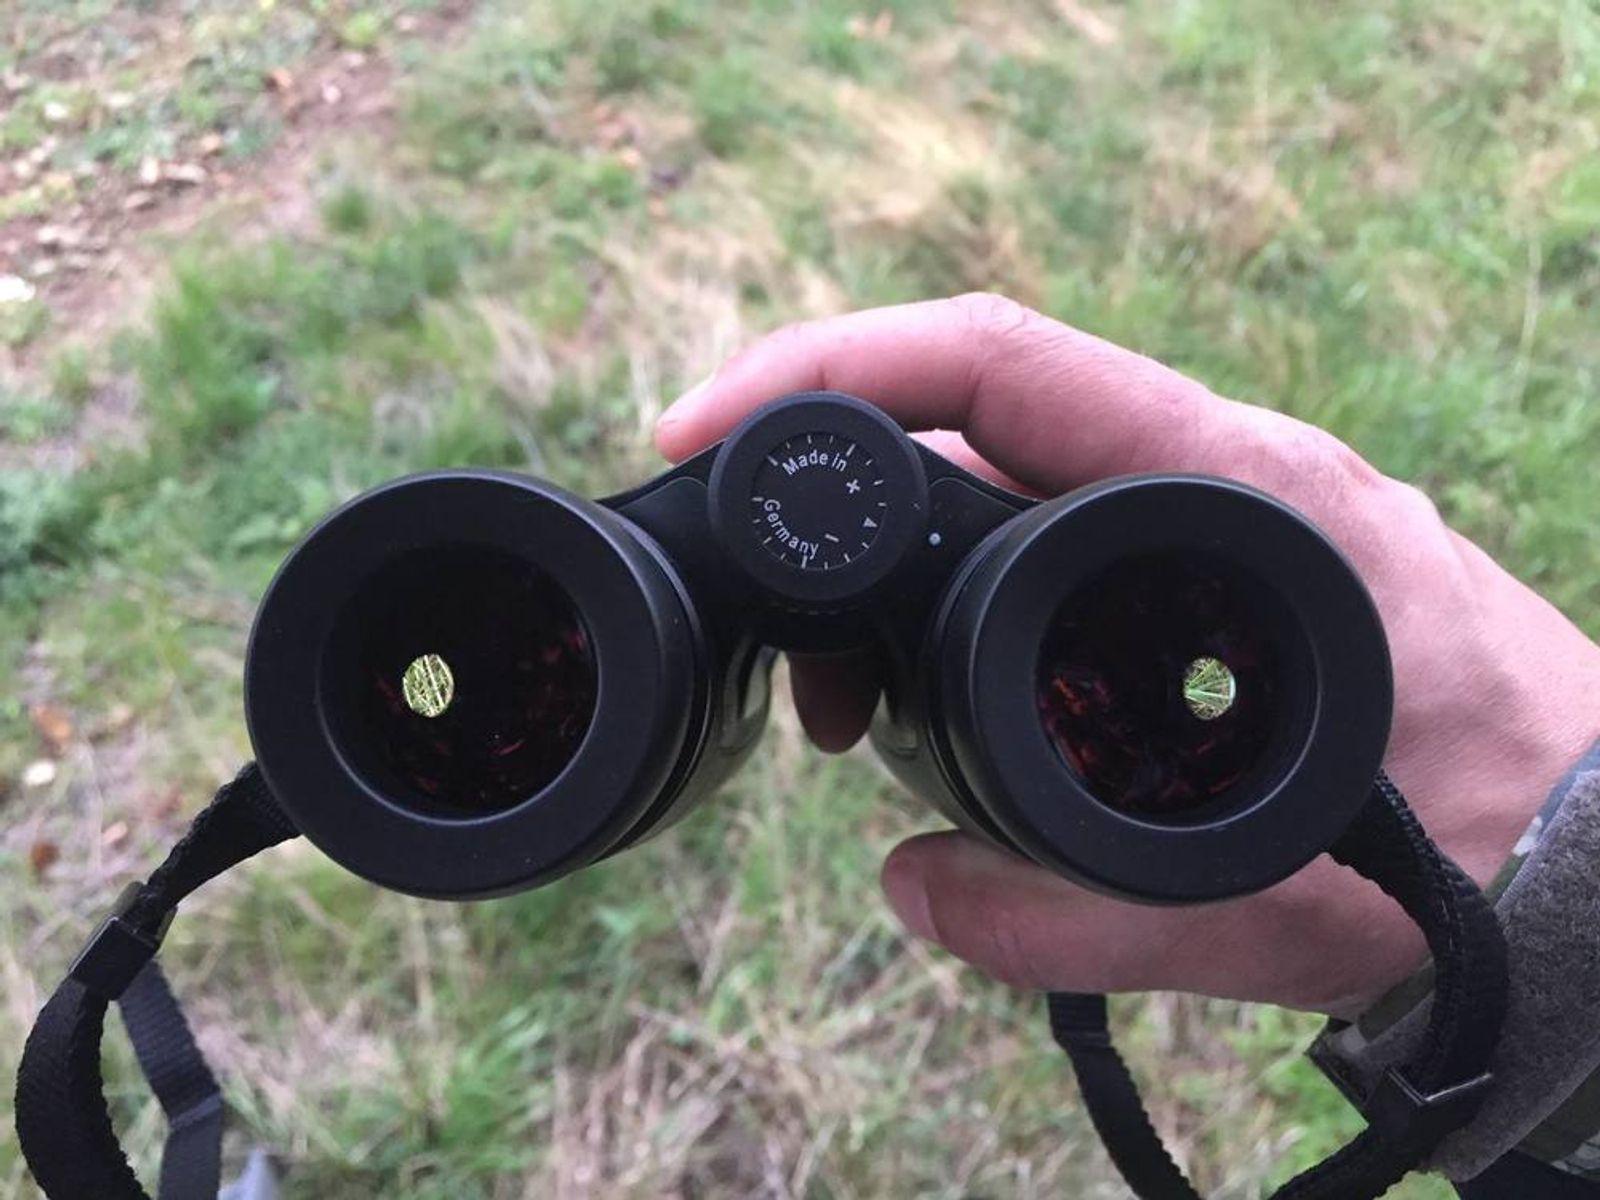 Zeiss victroy sf großer optik test